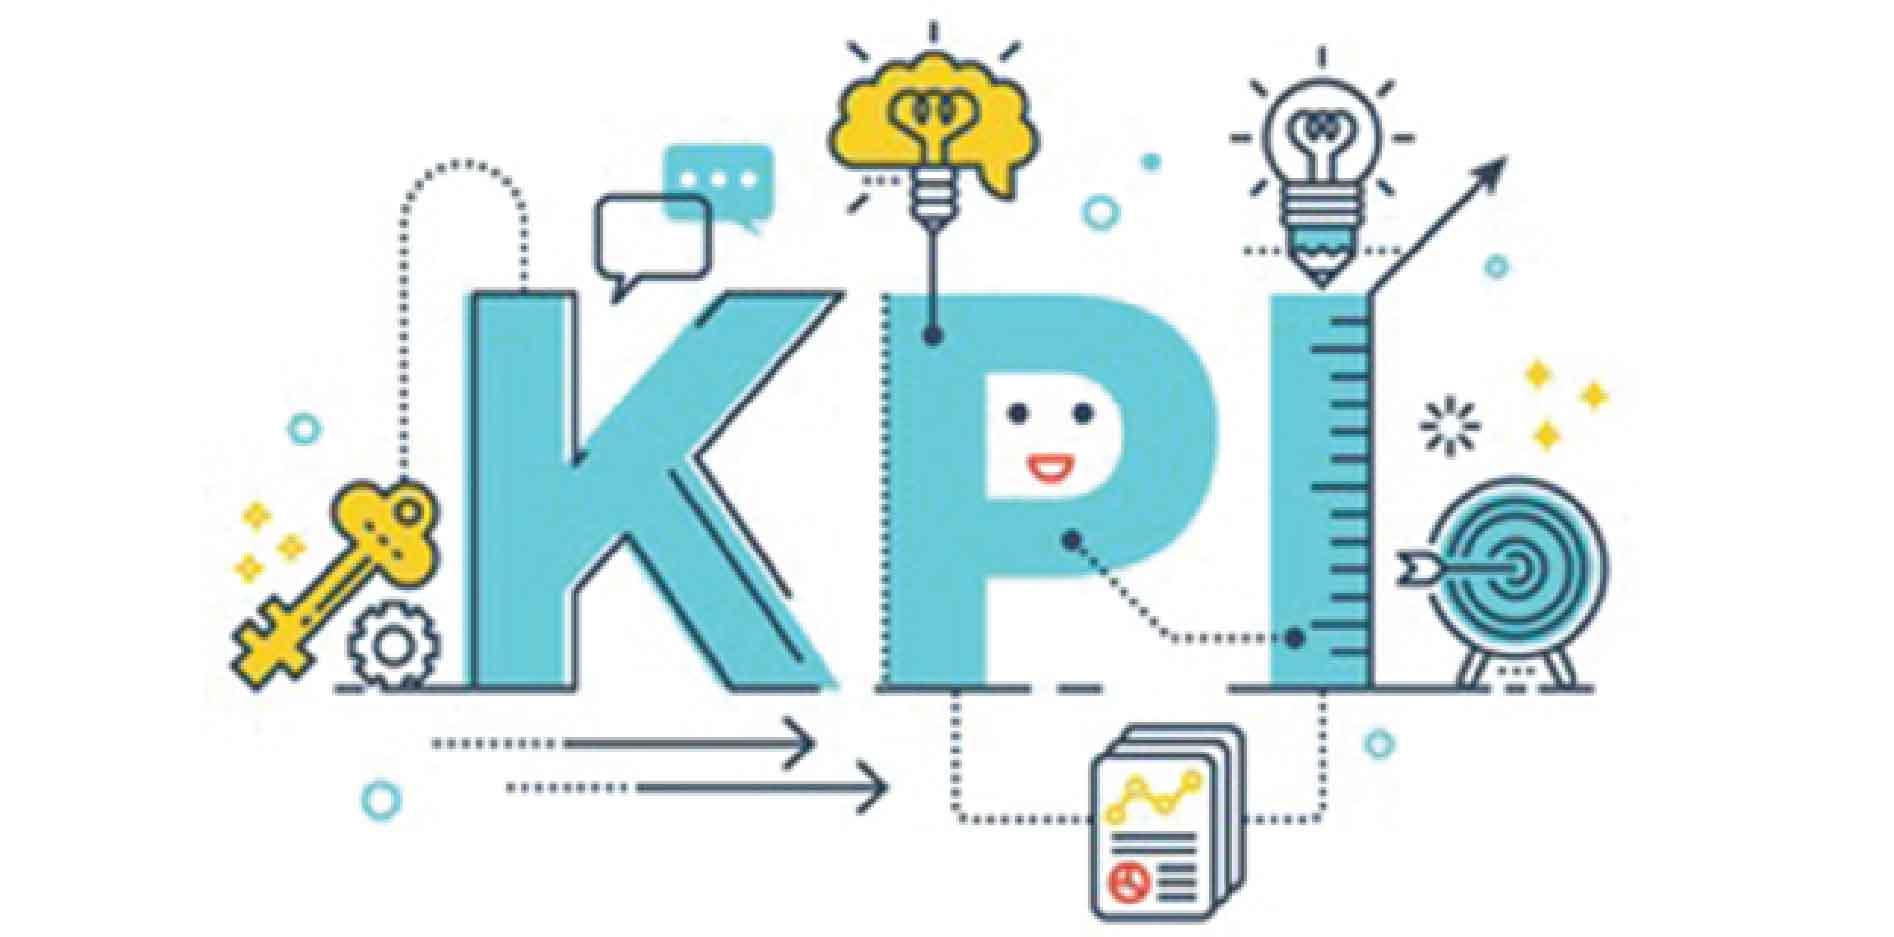 Đánh giá thực hiện công việc theo KPI như thế nào?